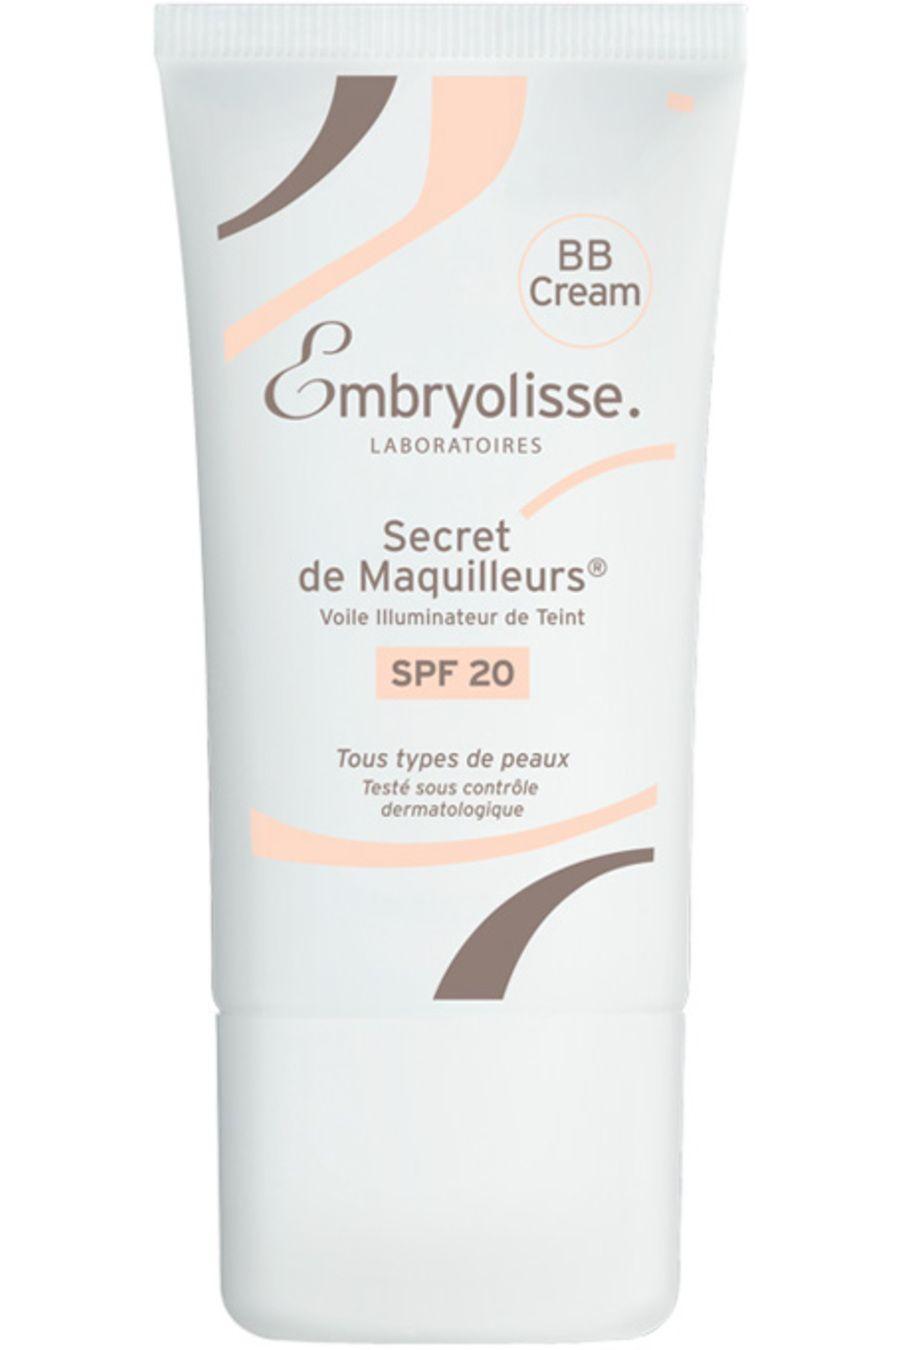 Blissim : Embryolisse - Voile Illuminateur de Teint – BB Cream - Voile Illuminateur de Teint – BB Cream